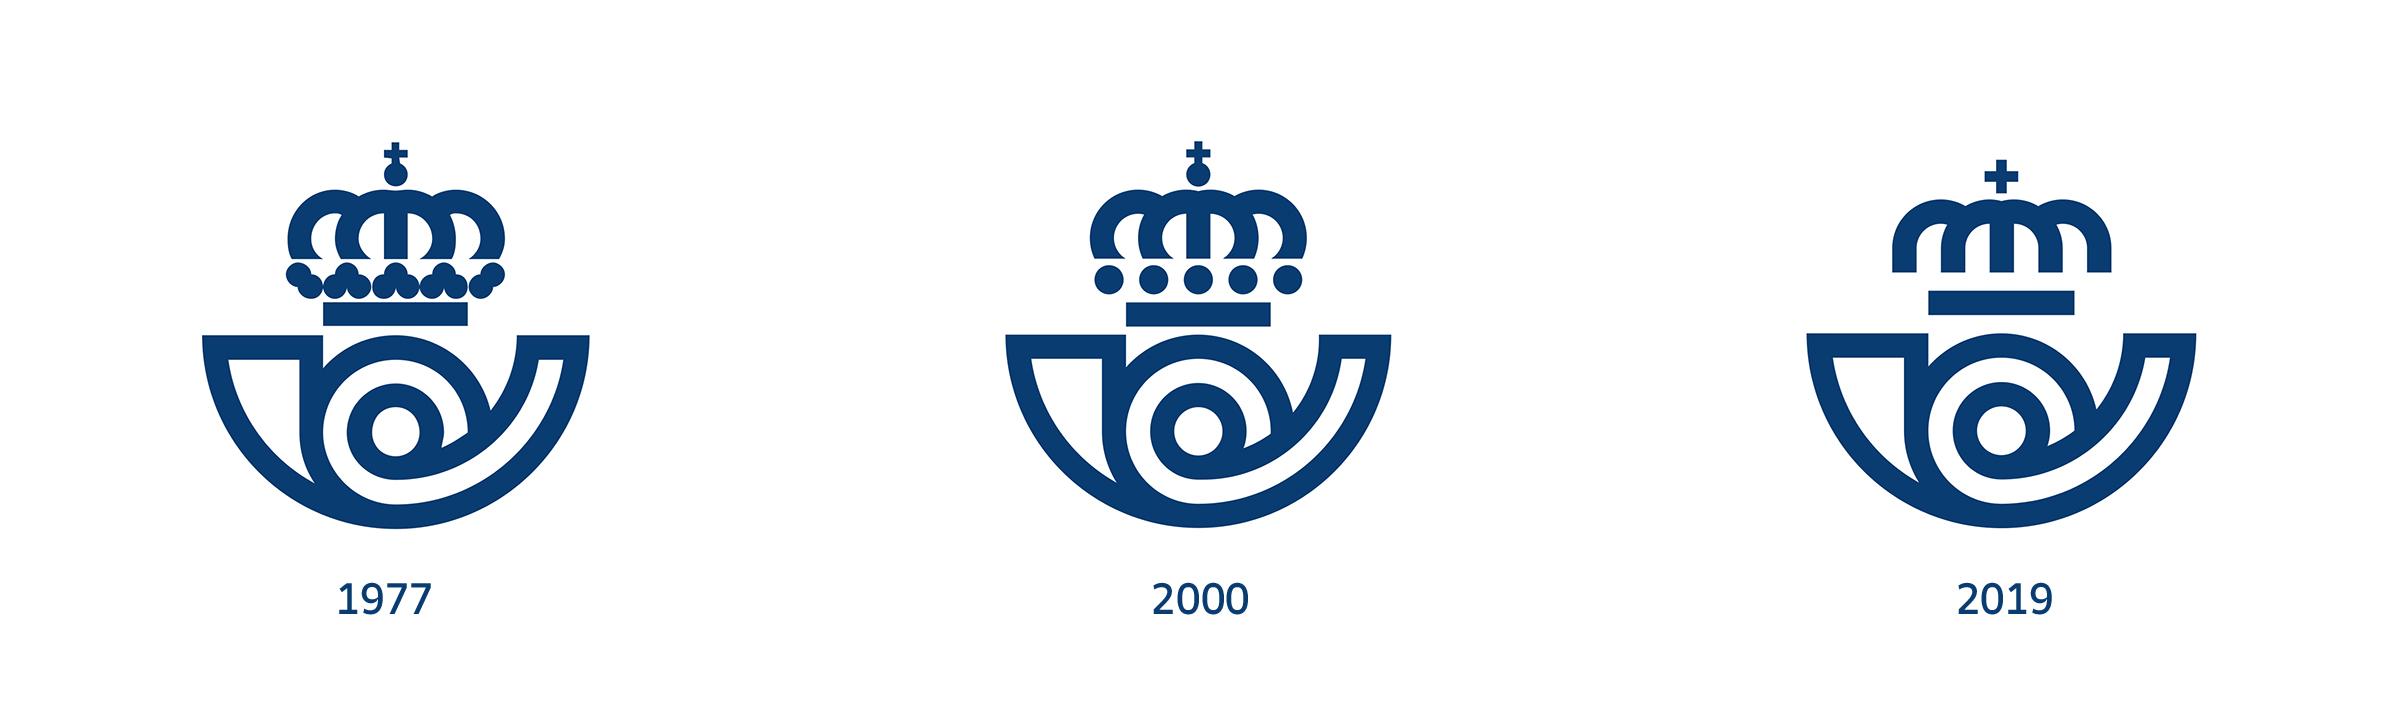 Evolución del logo de Correos 1977-2019